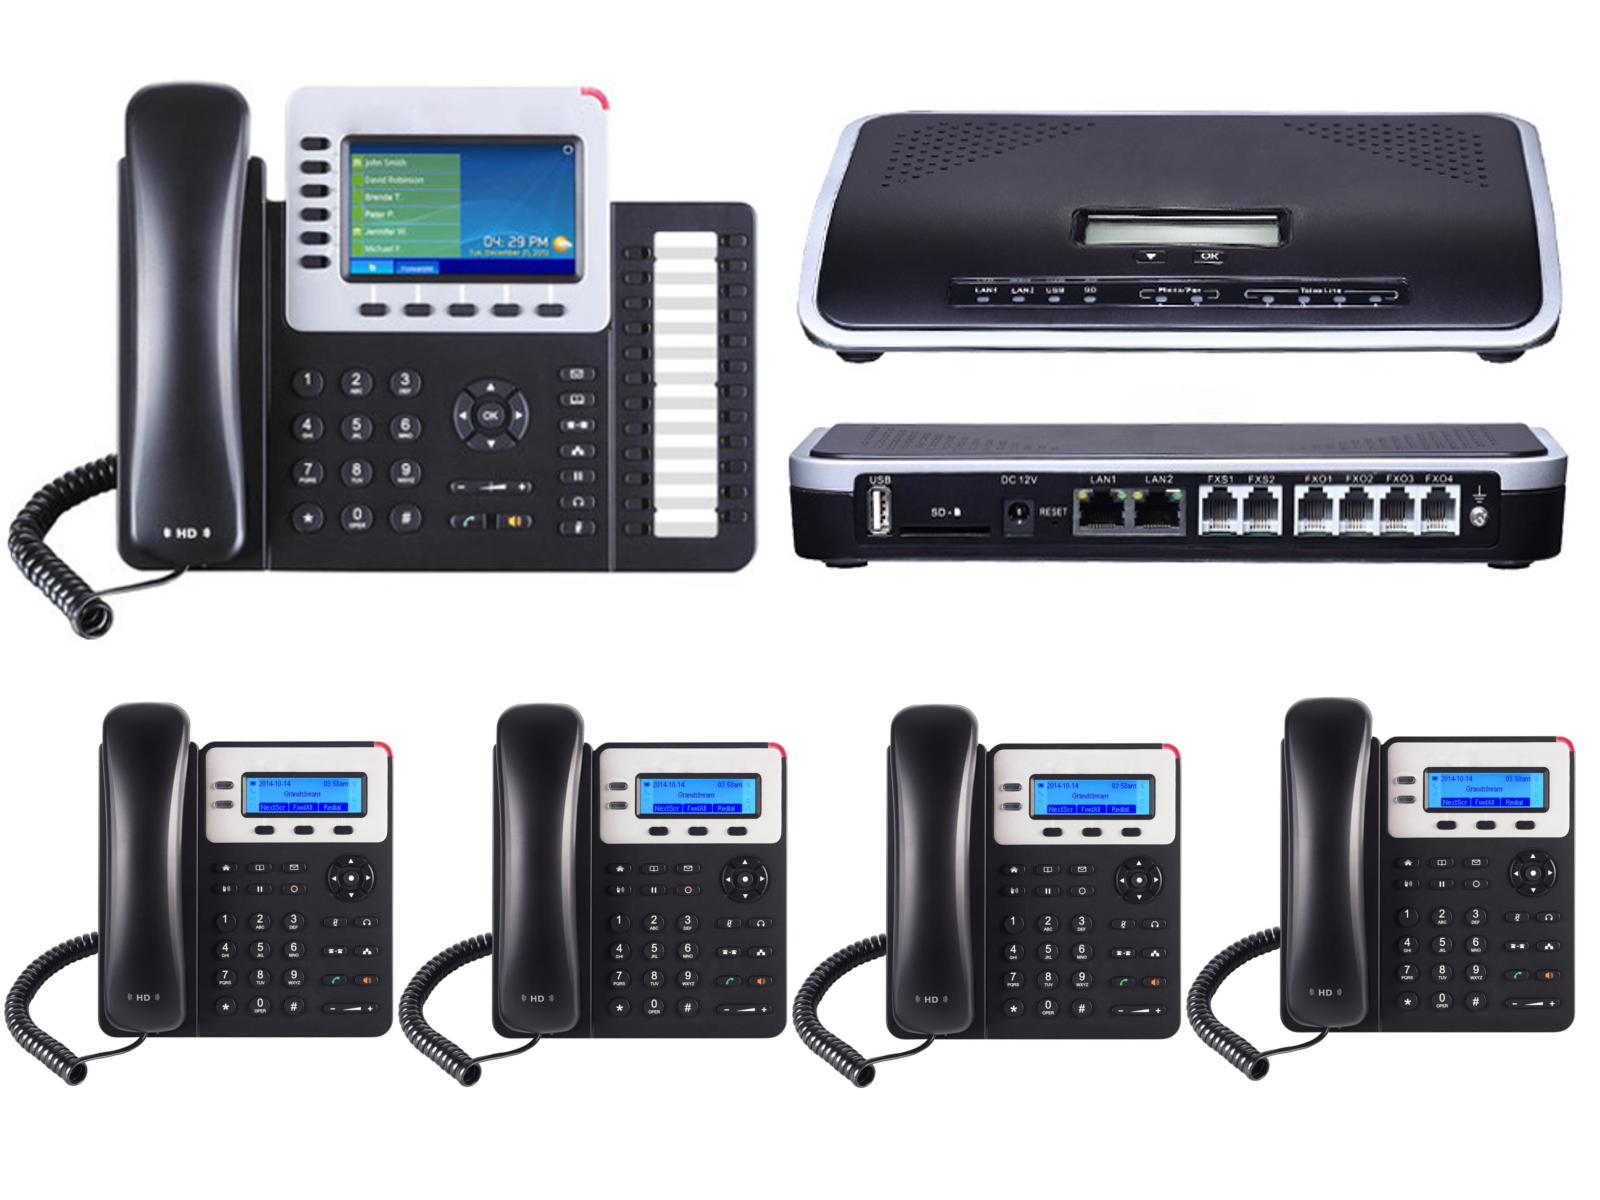 IP PBX with 5 Phones